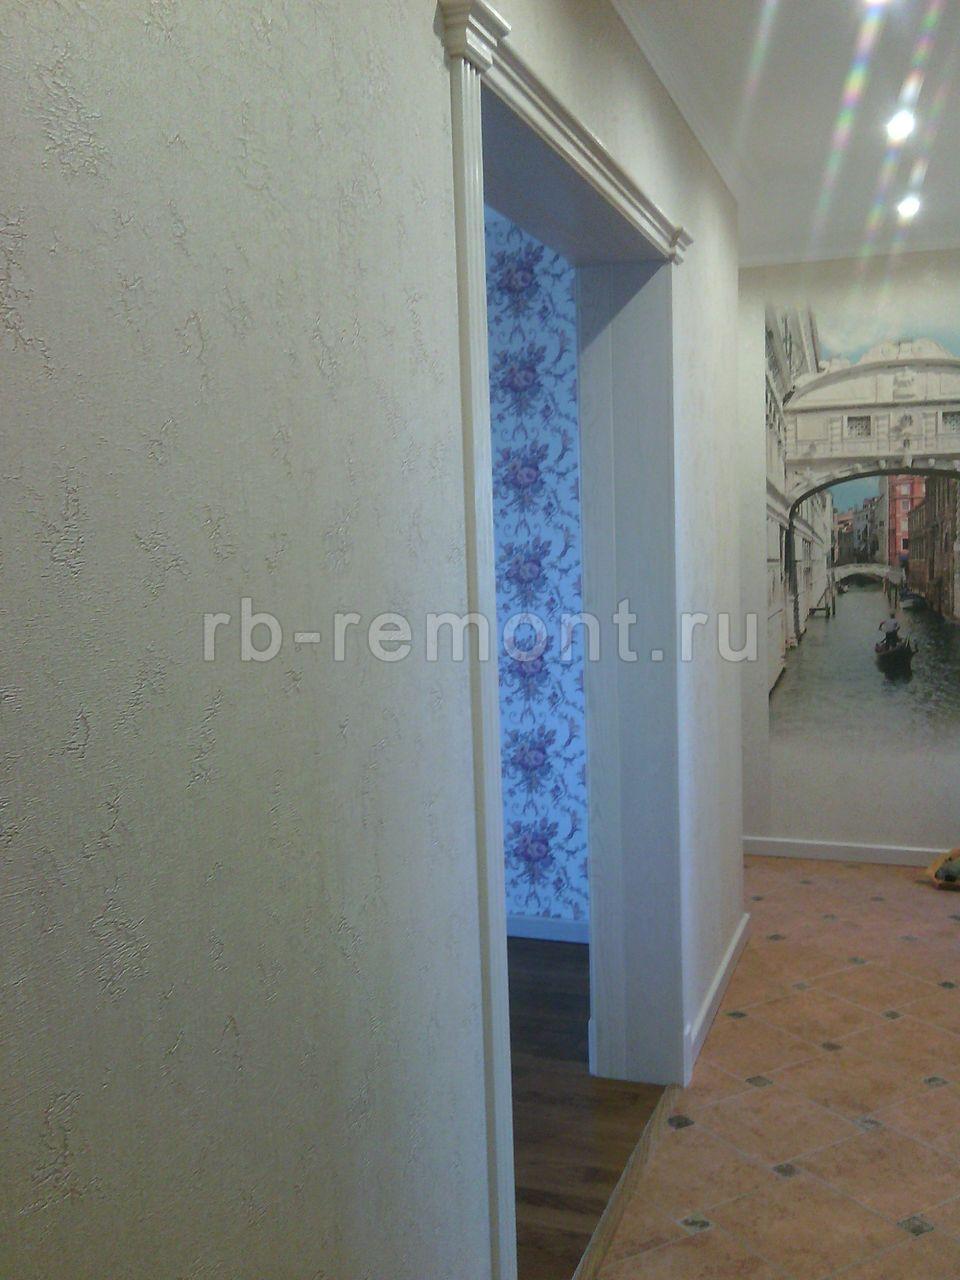 http://www.rb-remont.ru/raboty/photo_/komsomolskaya-125.1-00/img/img_20150709_121443.jpg (бол.)